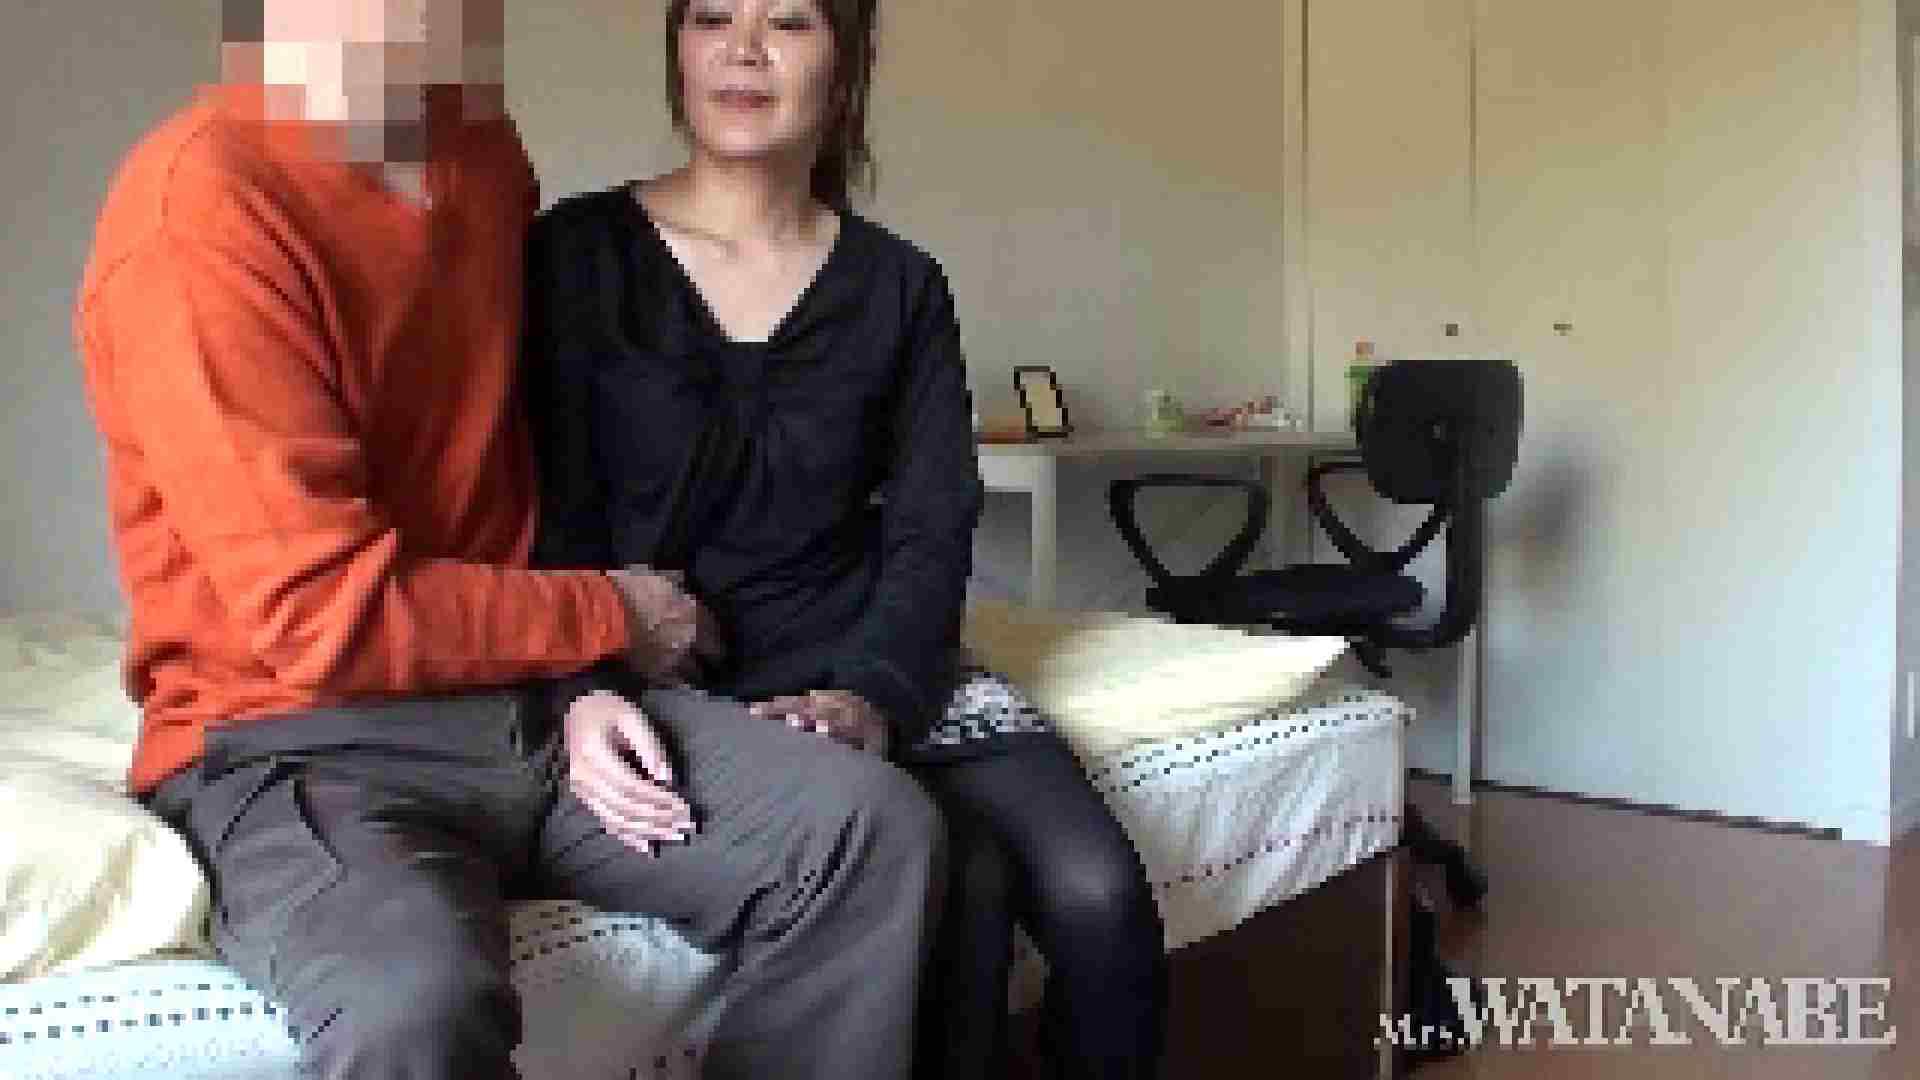 SNSで出会った人妻をハメ撮りしちゃいます 2回目 前編 人妻達のヌード | オナニー特集  65連発 34